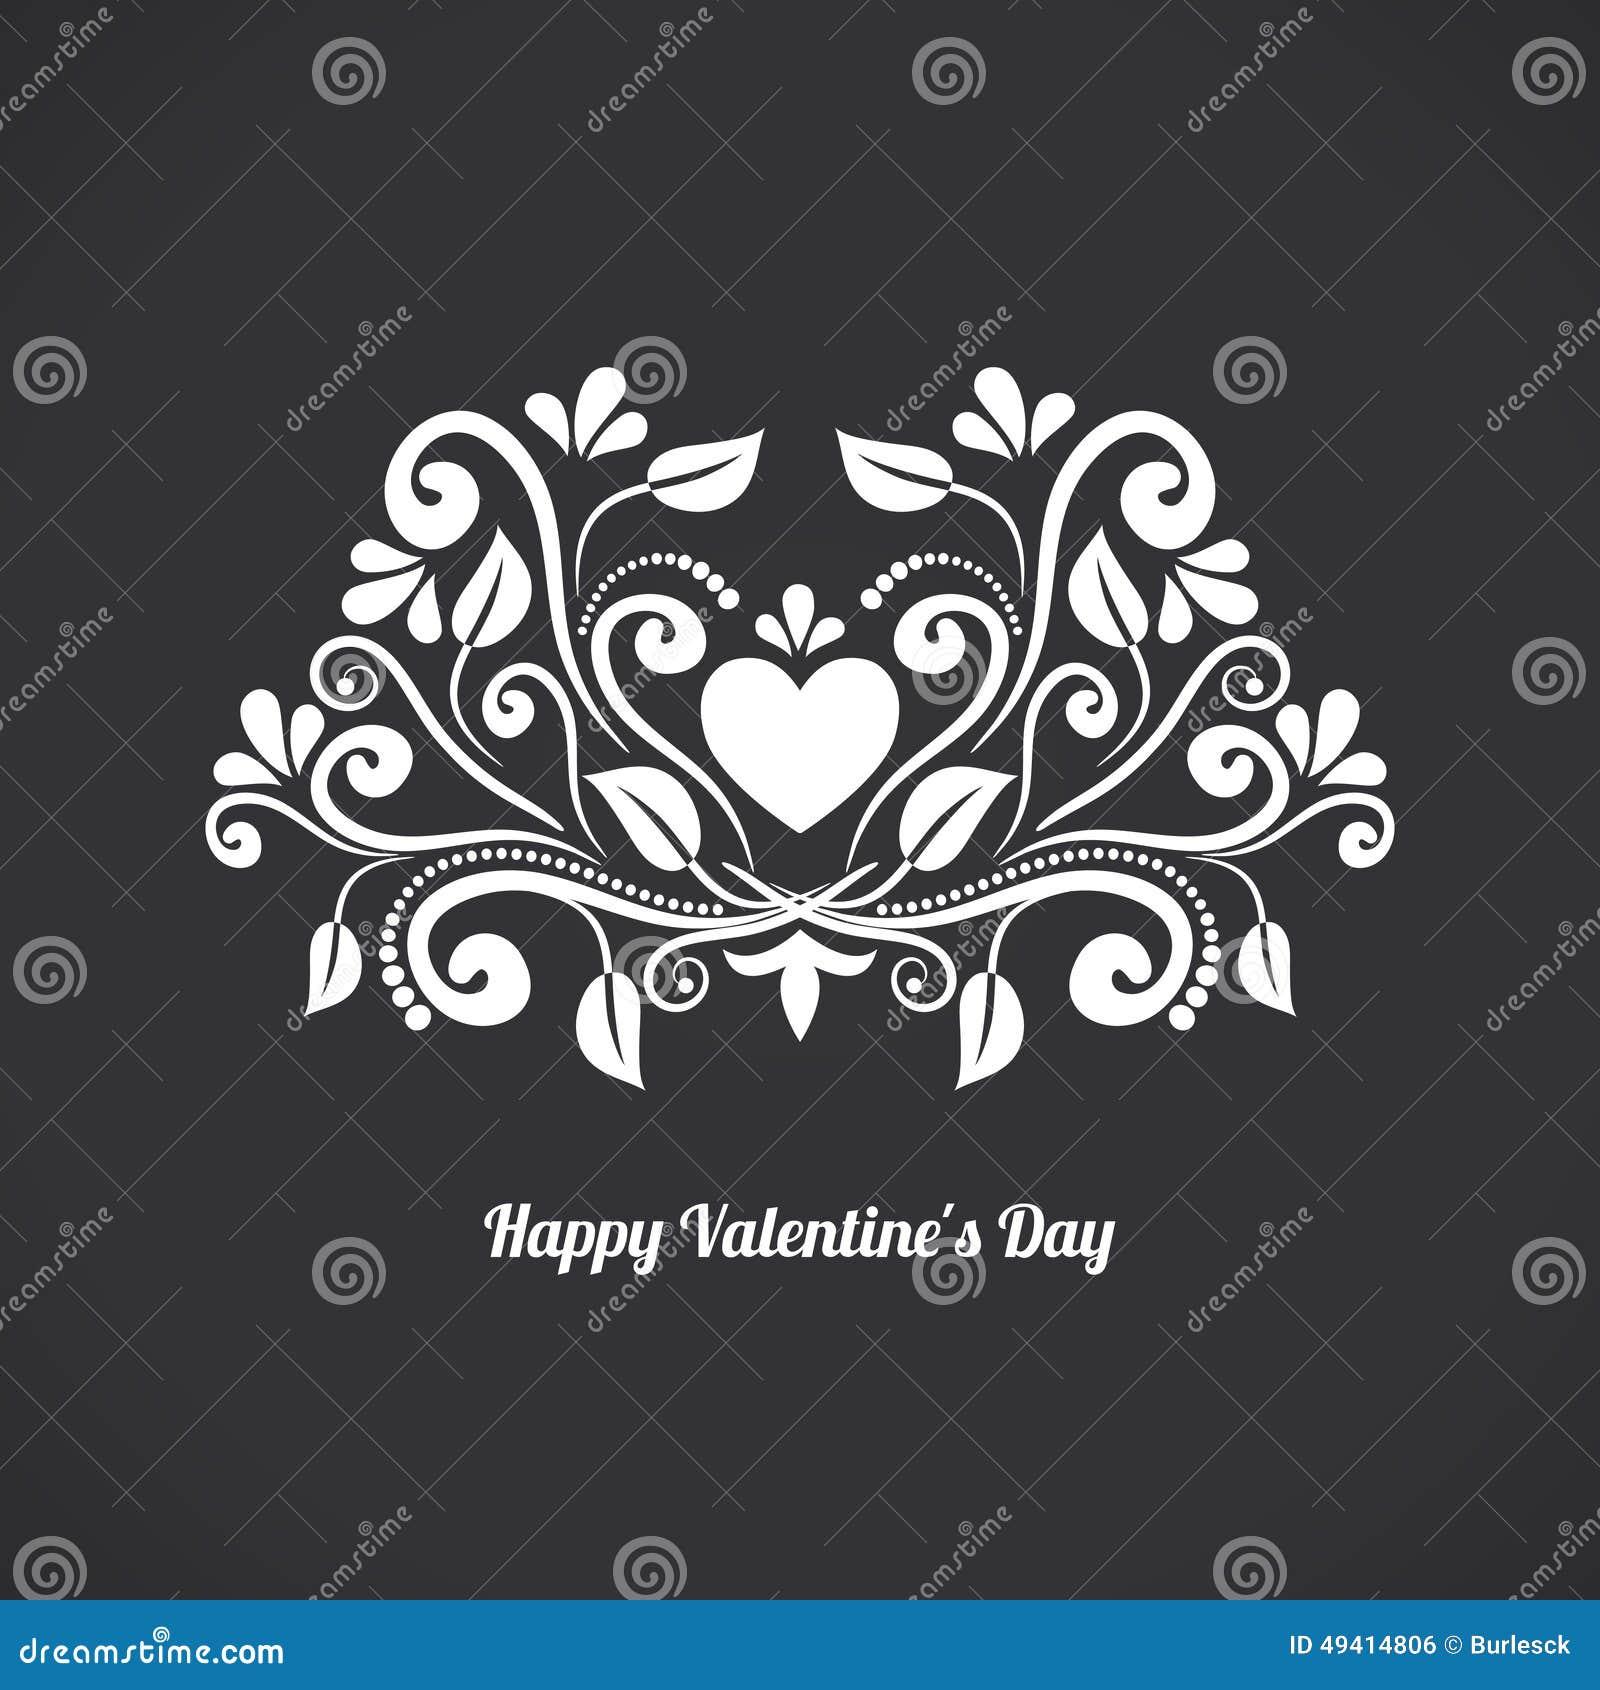 Download Valentine Blackboard Heart vektor abbildung. Illustration von liebe - 49414806